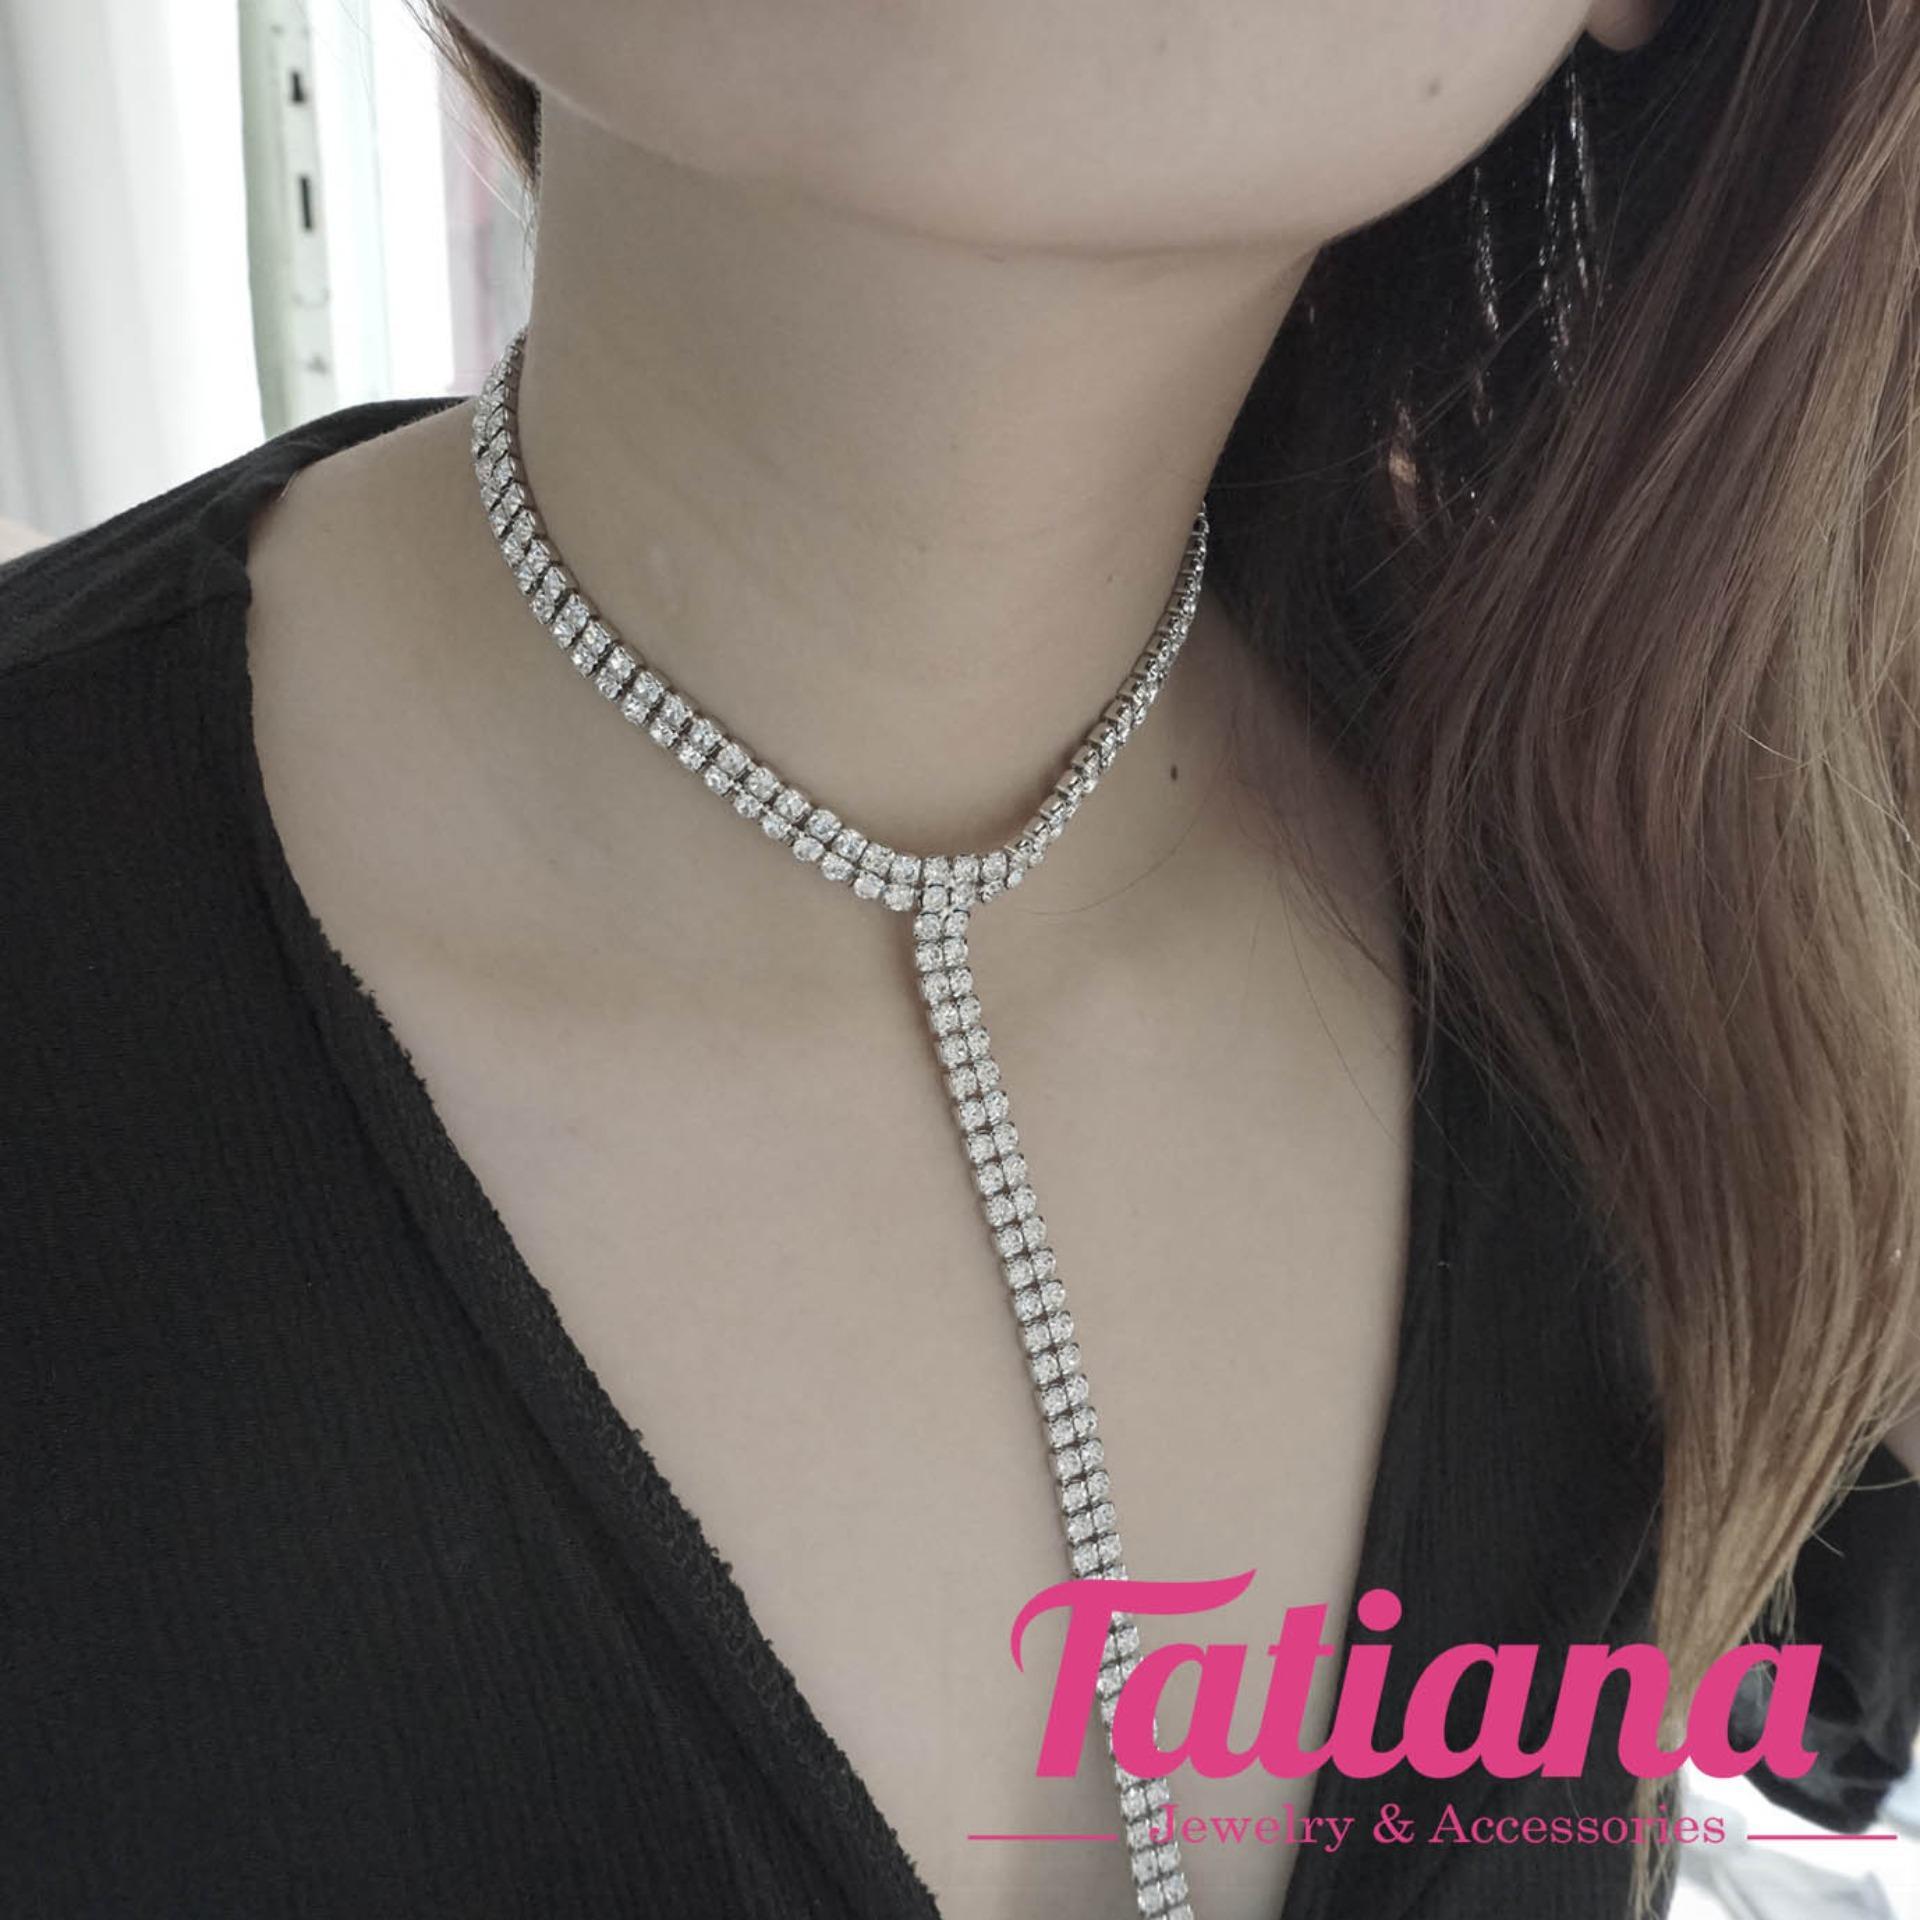 Chiết Khấu Vong Cổ Choker Line Đa Tatiana D1044 Tatiana